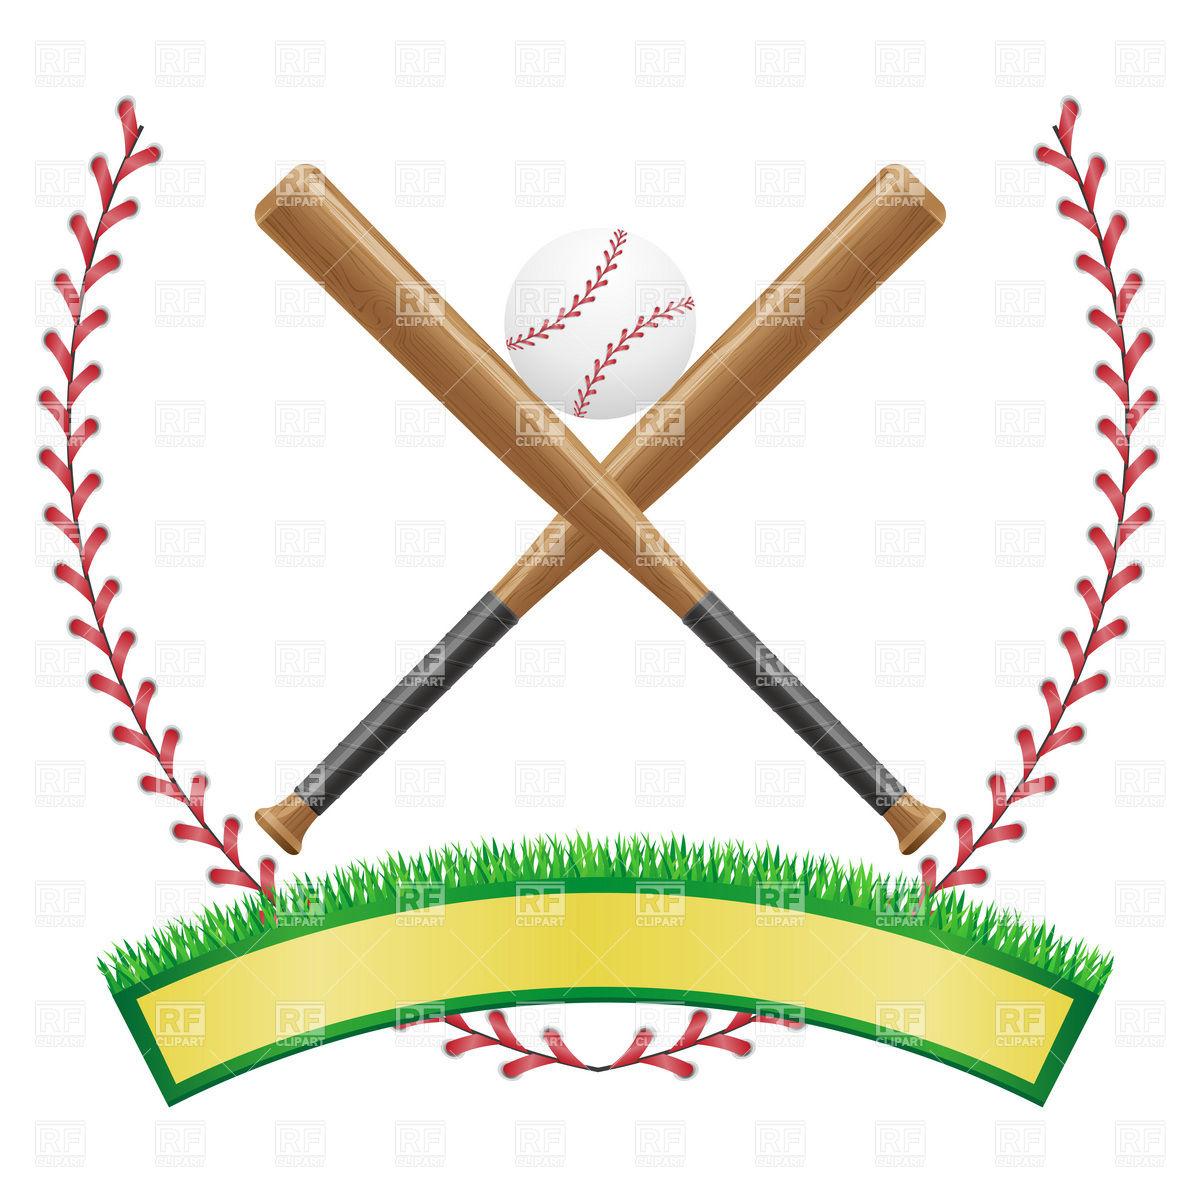 1200x1200 Baseball Emblem With Banner, Ball And Baseball Bats Vector Image